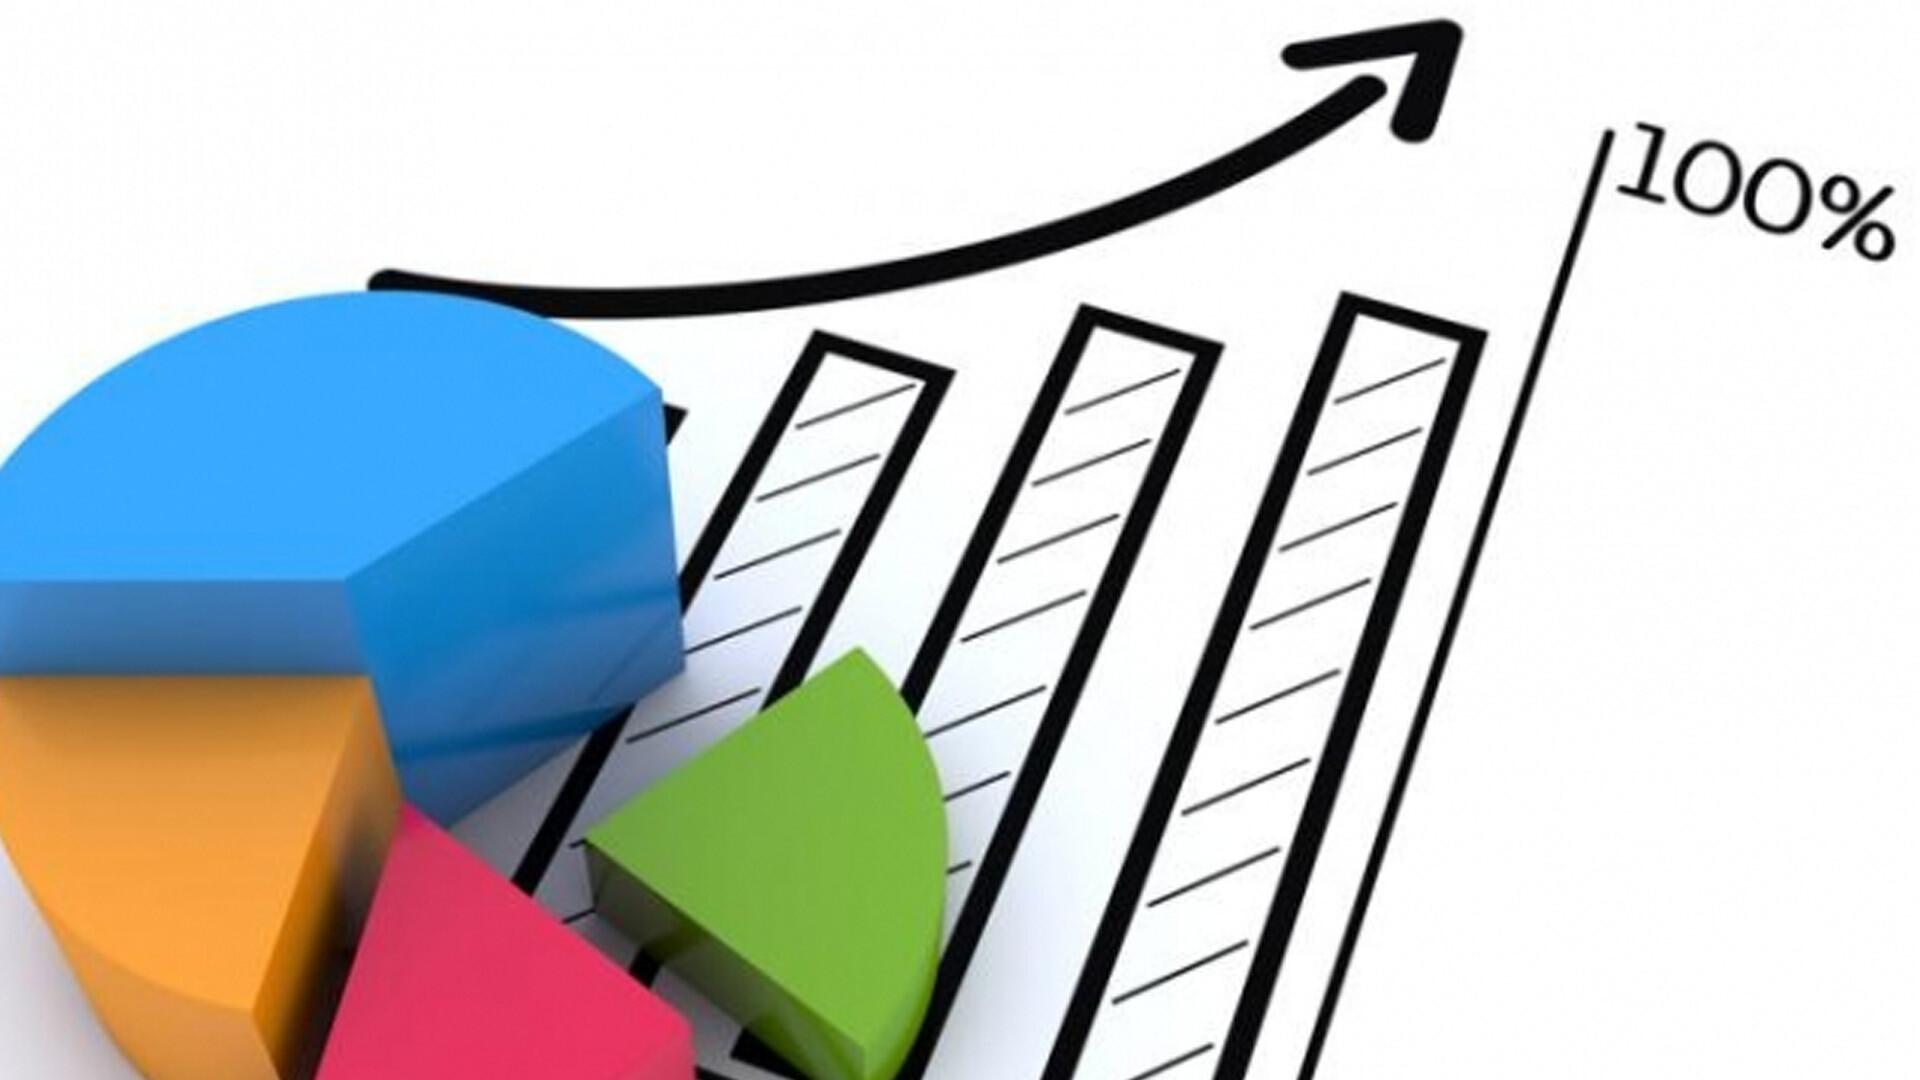 daya saing untuk tingkatkan pertumbuhan ekonomi indonesia